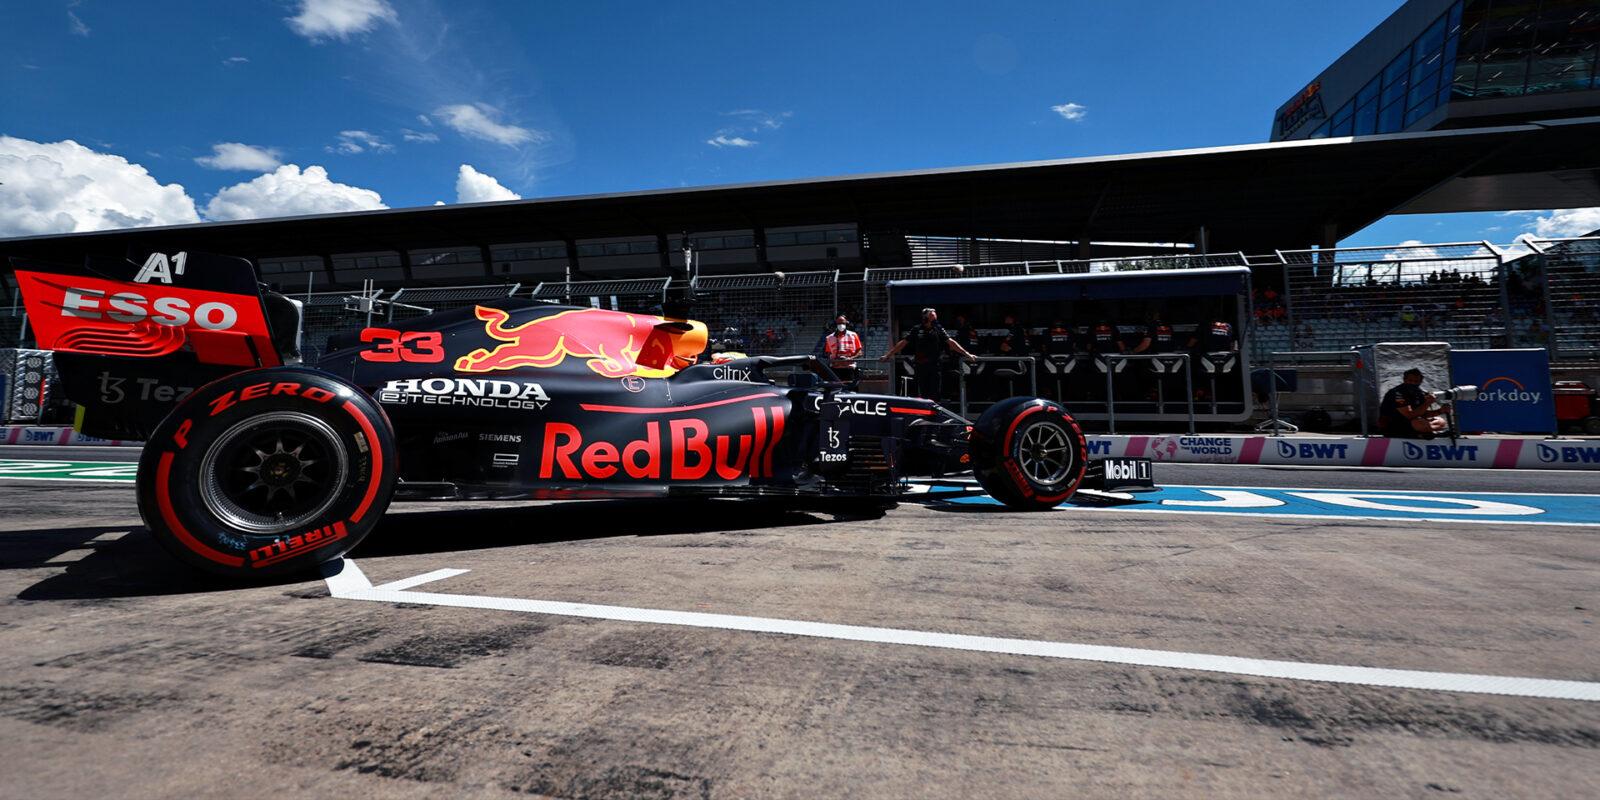 """Verstappen ovládl """"domácí"""" kvalifikaci, Hamilton chyboval"""